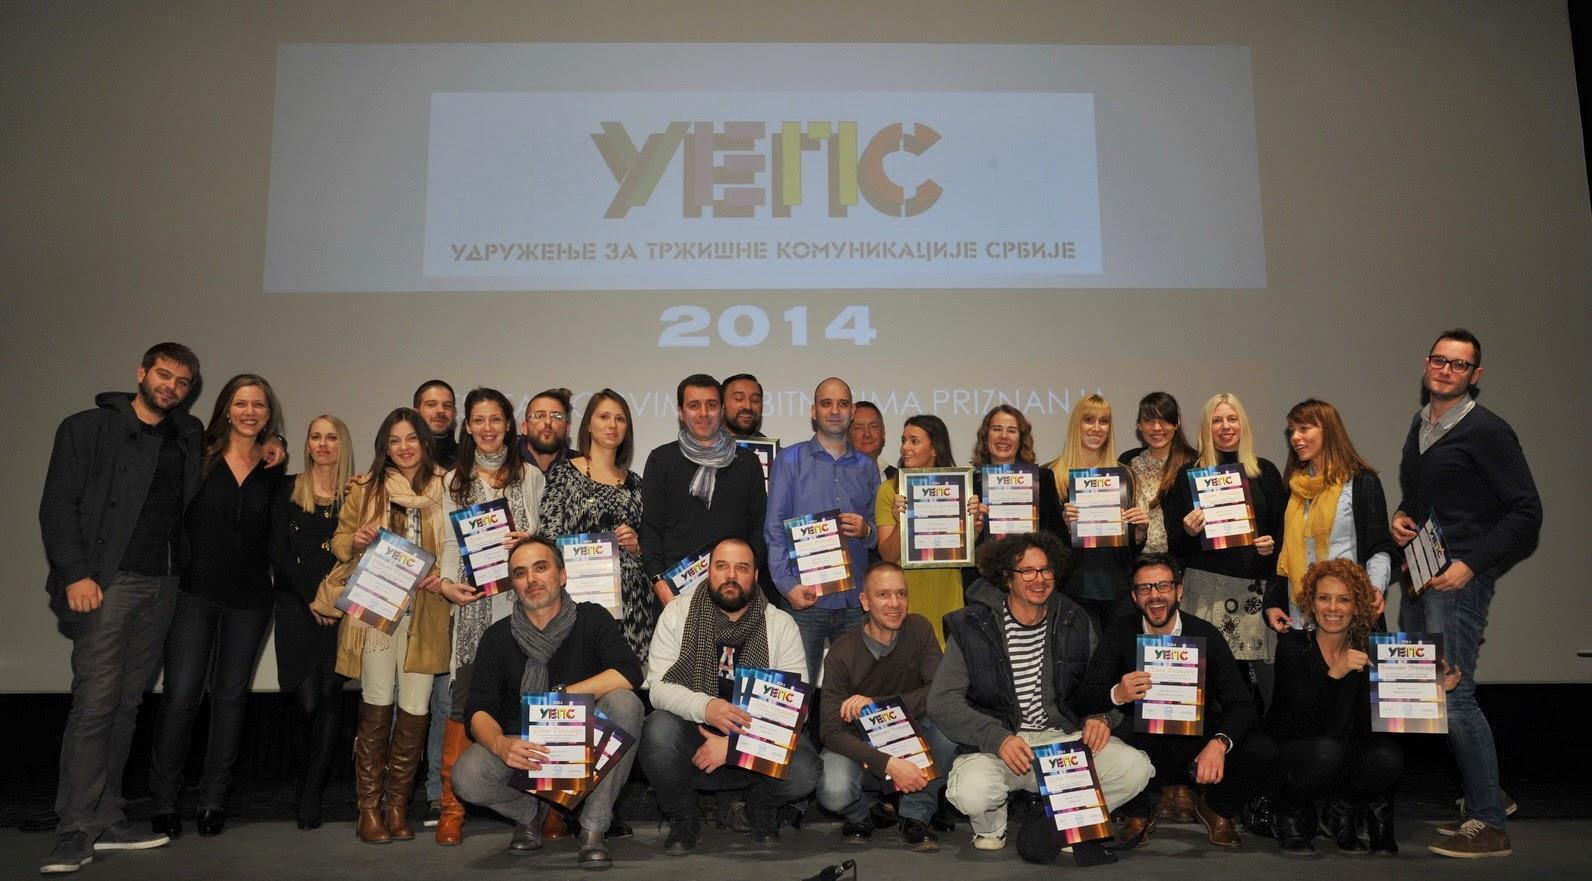 http://www.advertiser-serbia.com/agencija-communis-osvojila-rekordnih-27-nagrada-ueps/